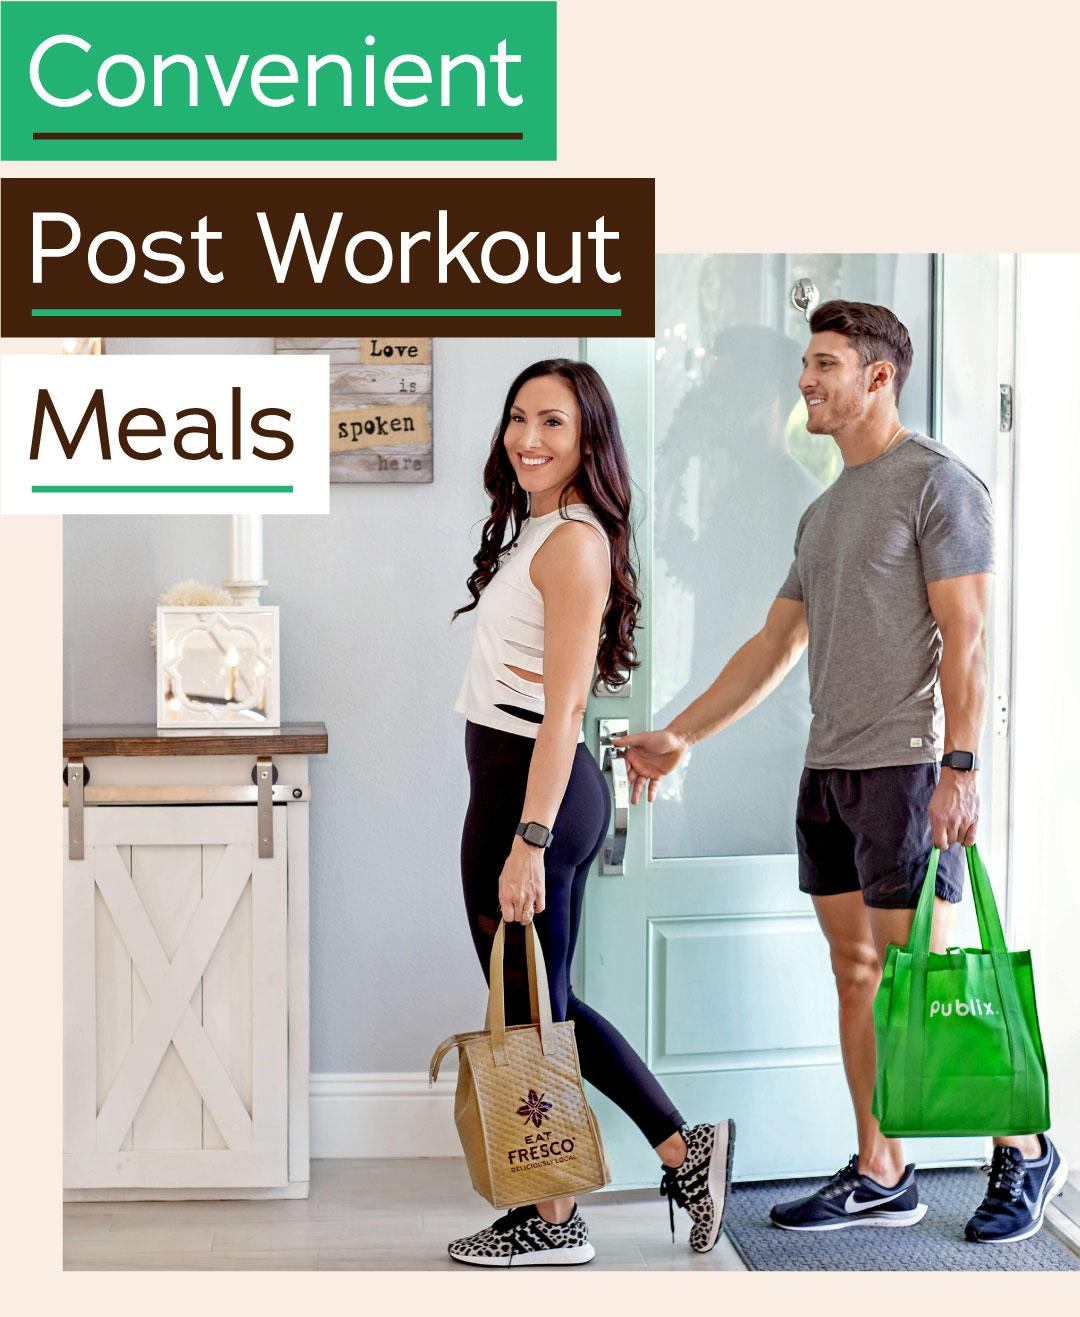 Convenient Post Workout Meals